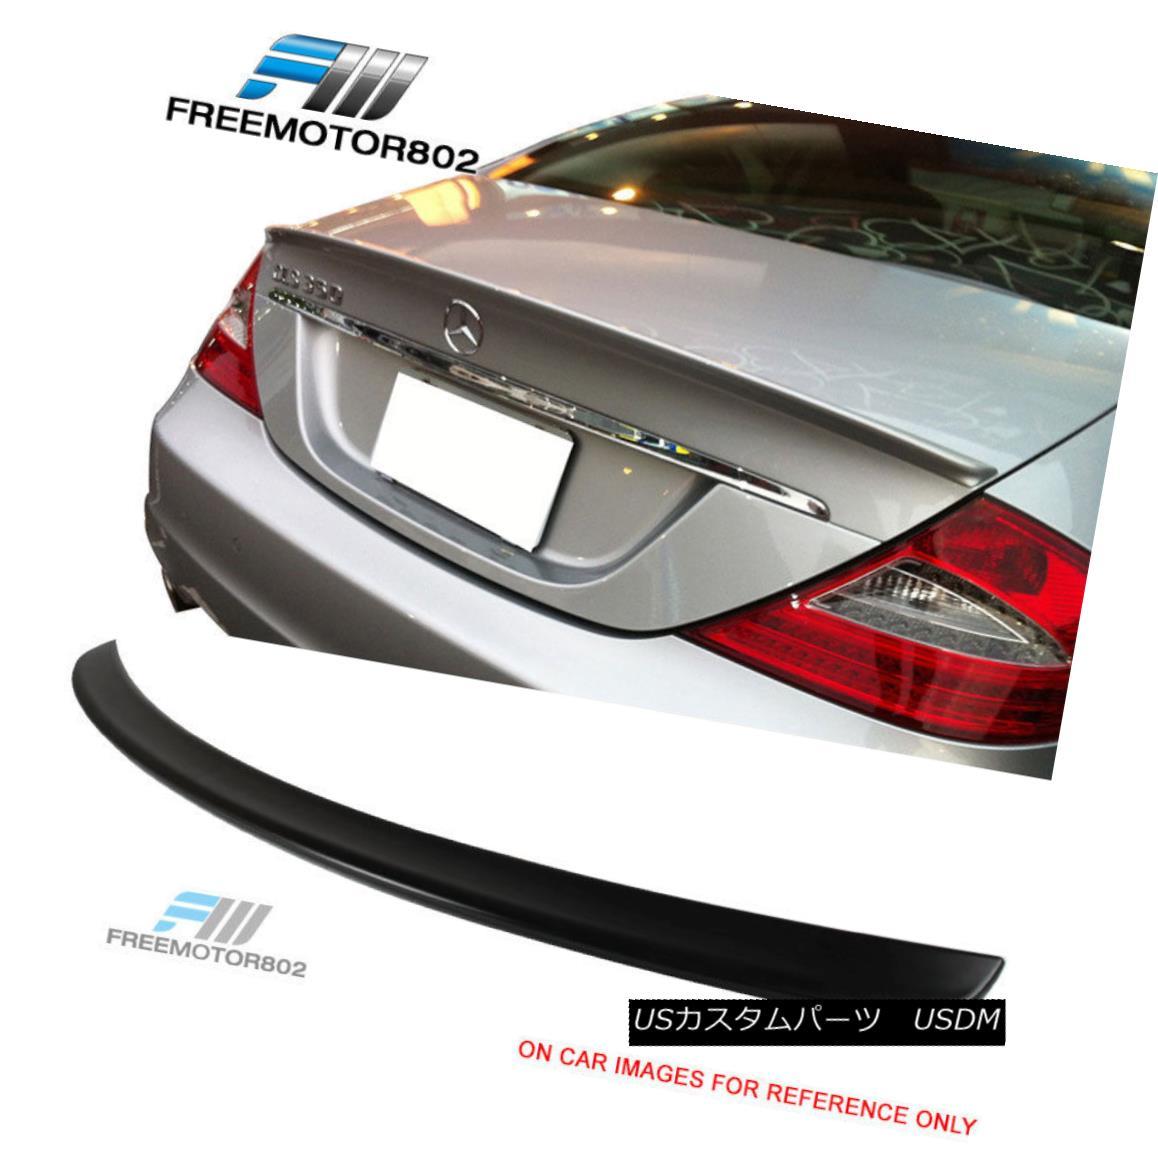 エアロパーツ Fit For 05-10 Mercedes-Benz W219 CLS-Class Rear Trunk Spoiler Wing ABS 05-10メルセデス・ベンツW219 CLSクラス・リア・トランク・スポイラー・ウイングABS